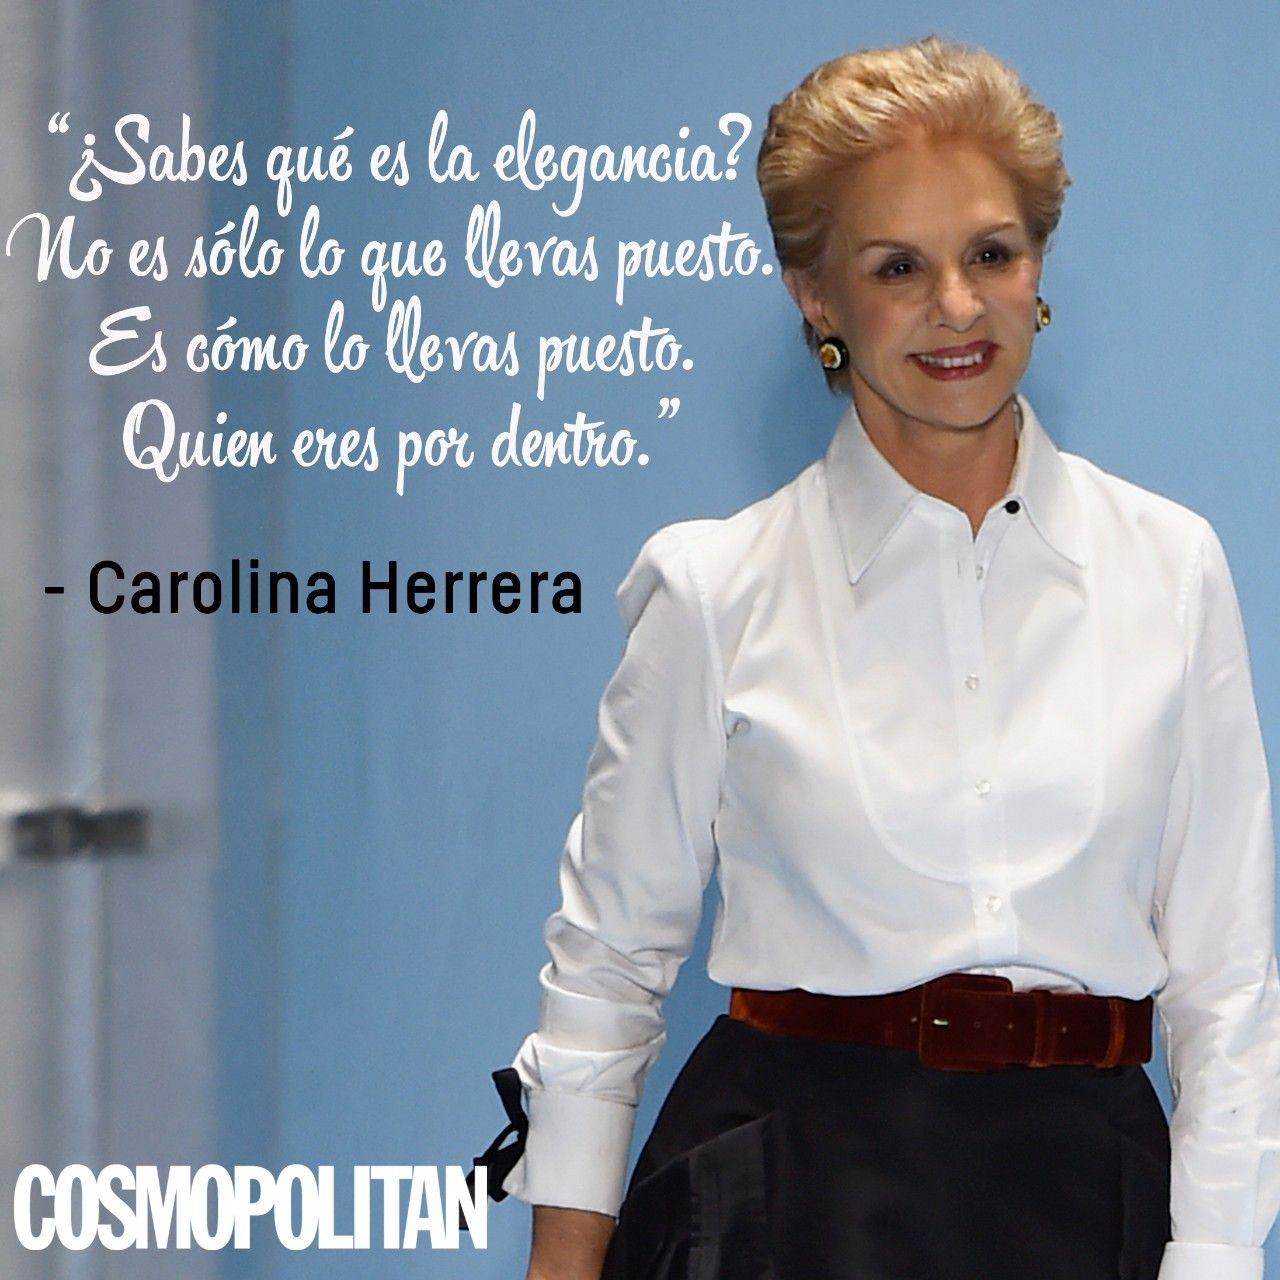 Carolina Herrera critica fuertemente a todas esas mujeres mayores que visten como jóvenes